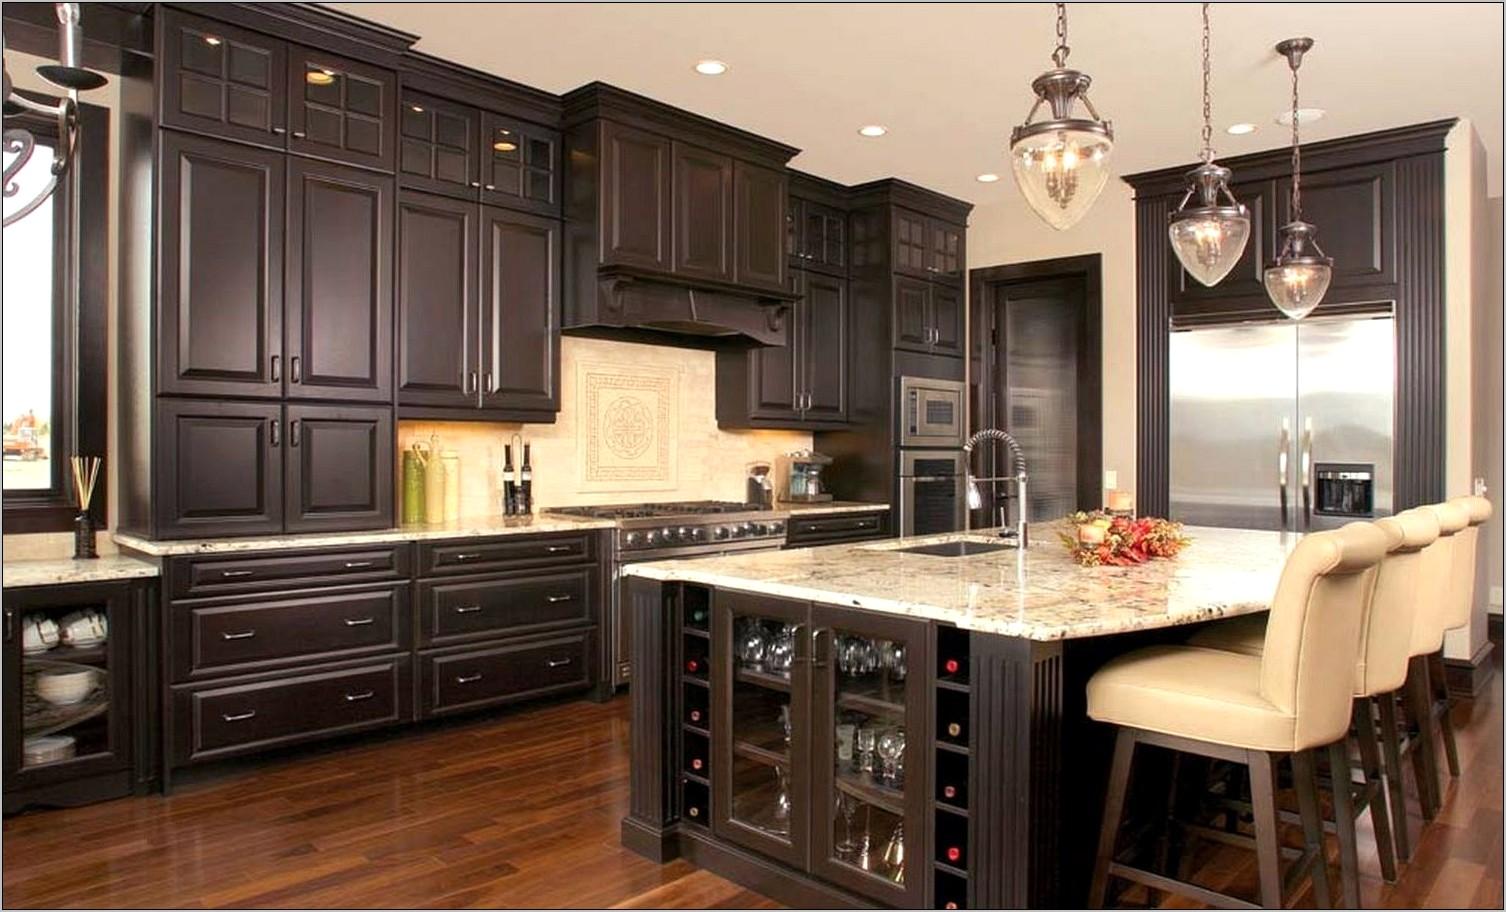 Dark Cabinets Light Granitegalley Kitchen Decor